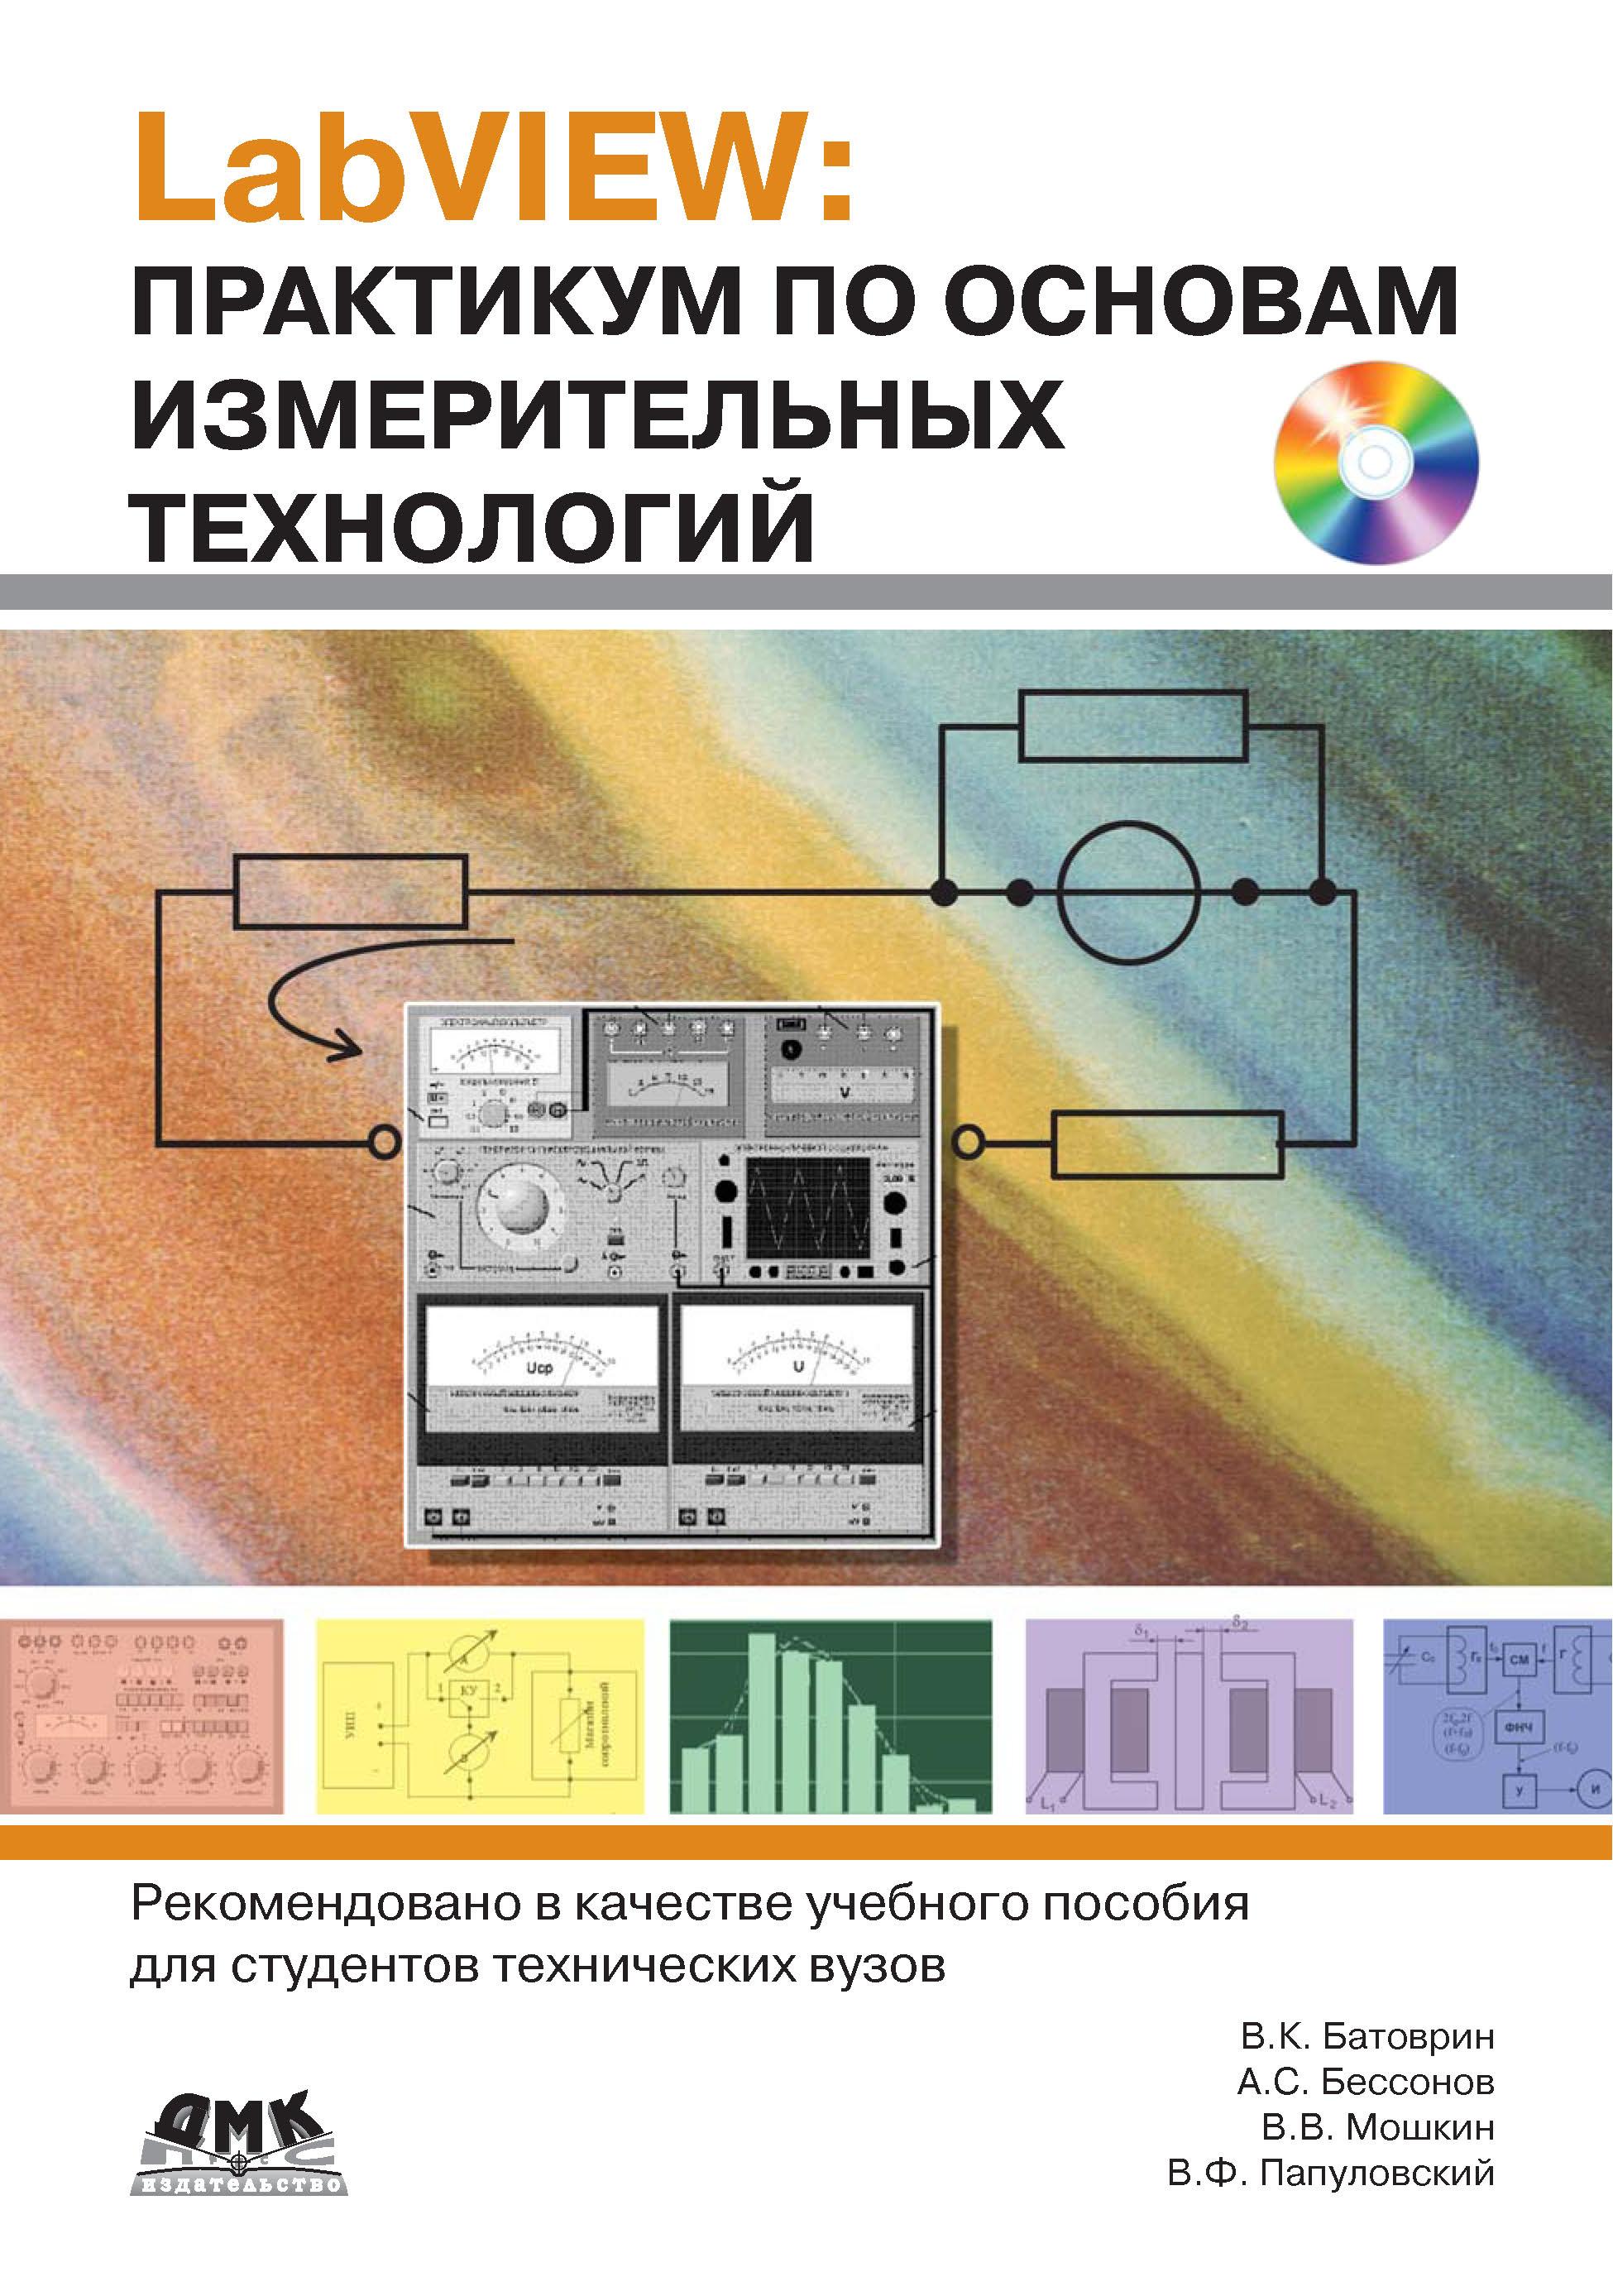 В. В. Мошкин LabVIEW: практикум по основам измерительных технологий в в мошкин labview практикум по электронике и микропроцессорной технике